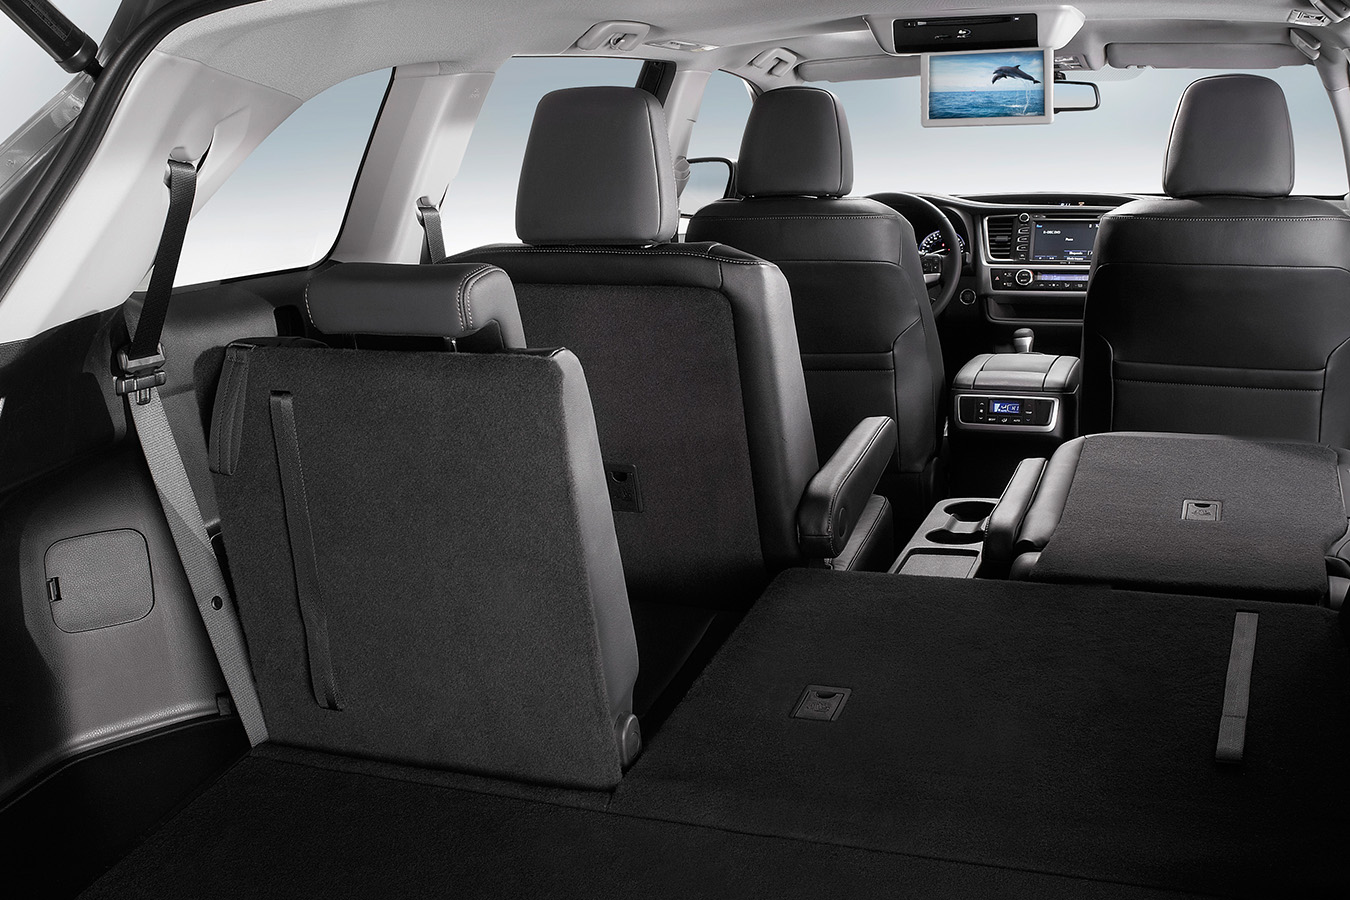 Toyota highlander interior 4 autos y moda m xico for Toyota highlander 2015 interior